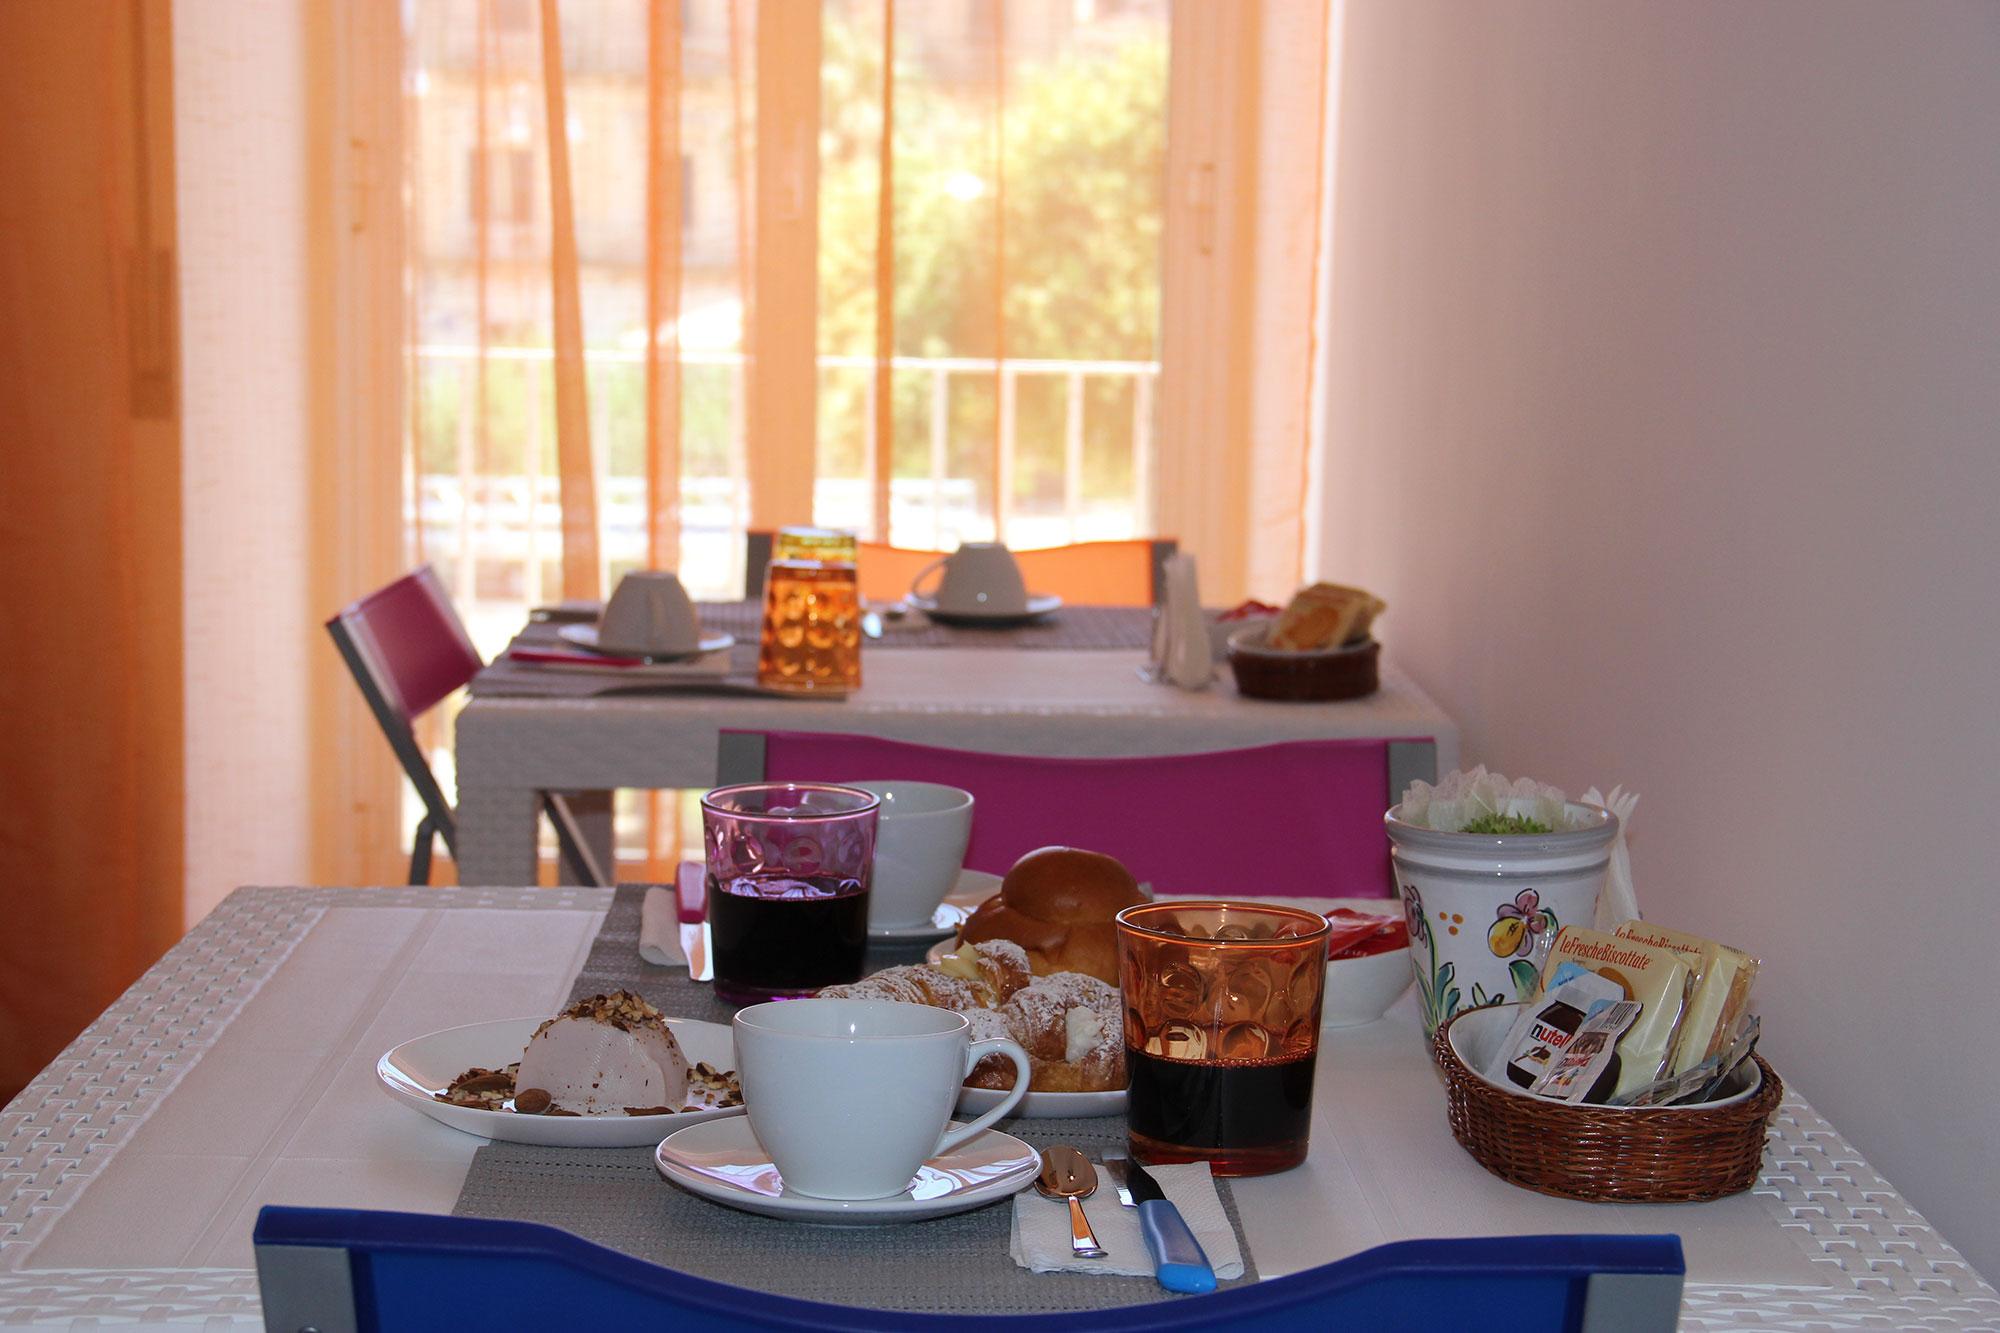 Colazione_Hotel_Sicilia_Avola_B&B_Avola_Albergo_Sicilia_Piazza_centro_mare_